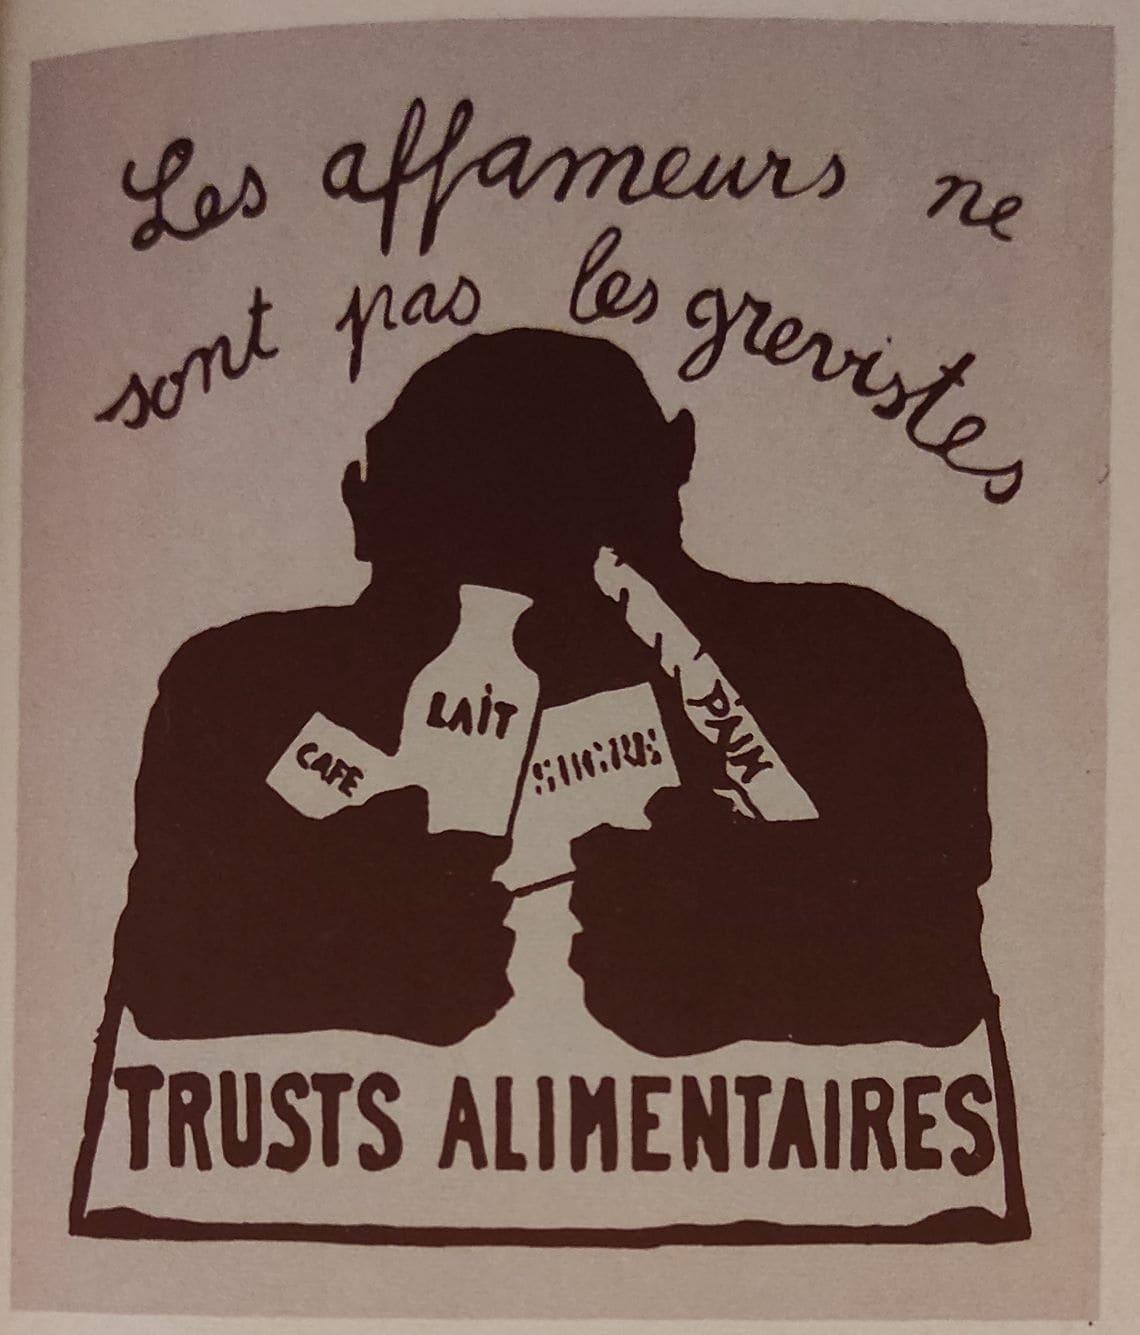 Le top 10 des affiches de mai 68 : Trusts alimentaires affameurs